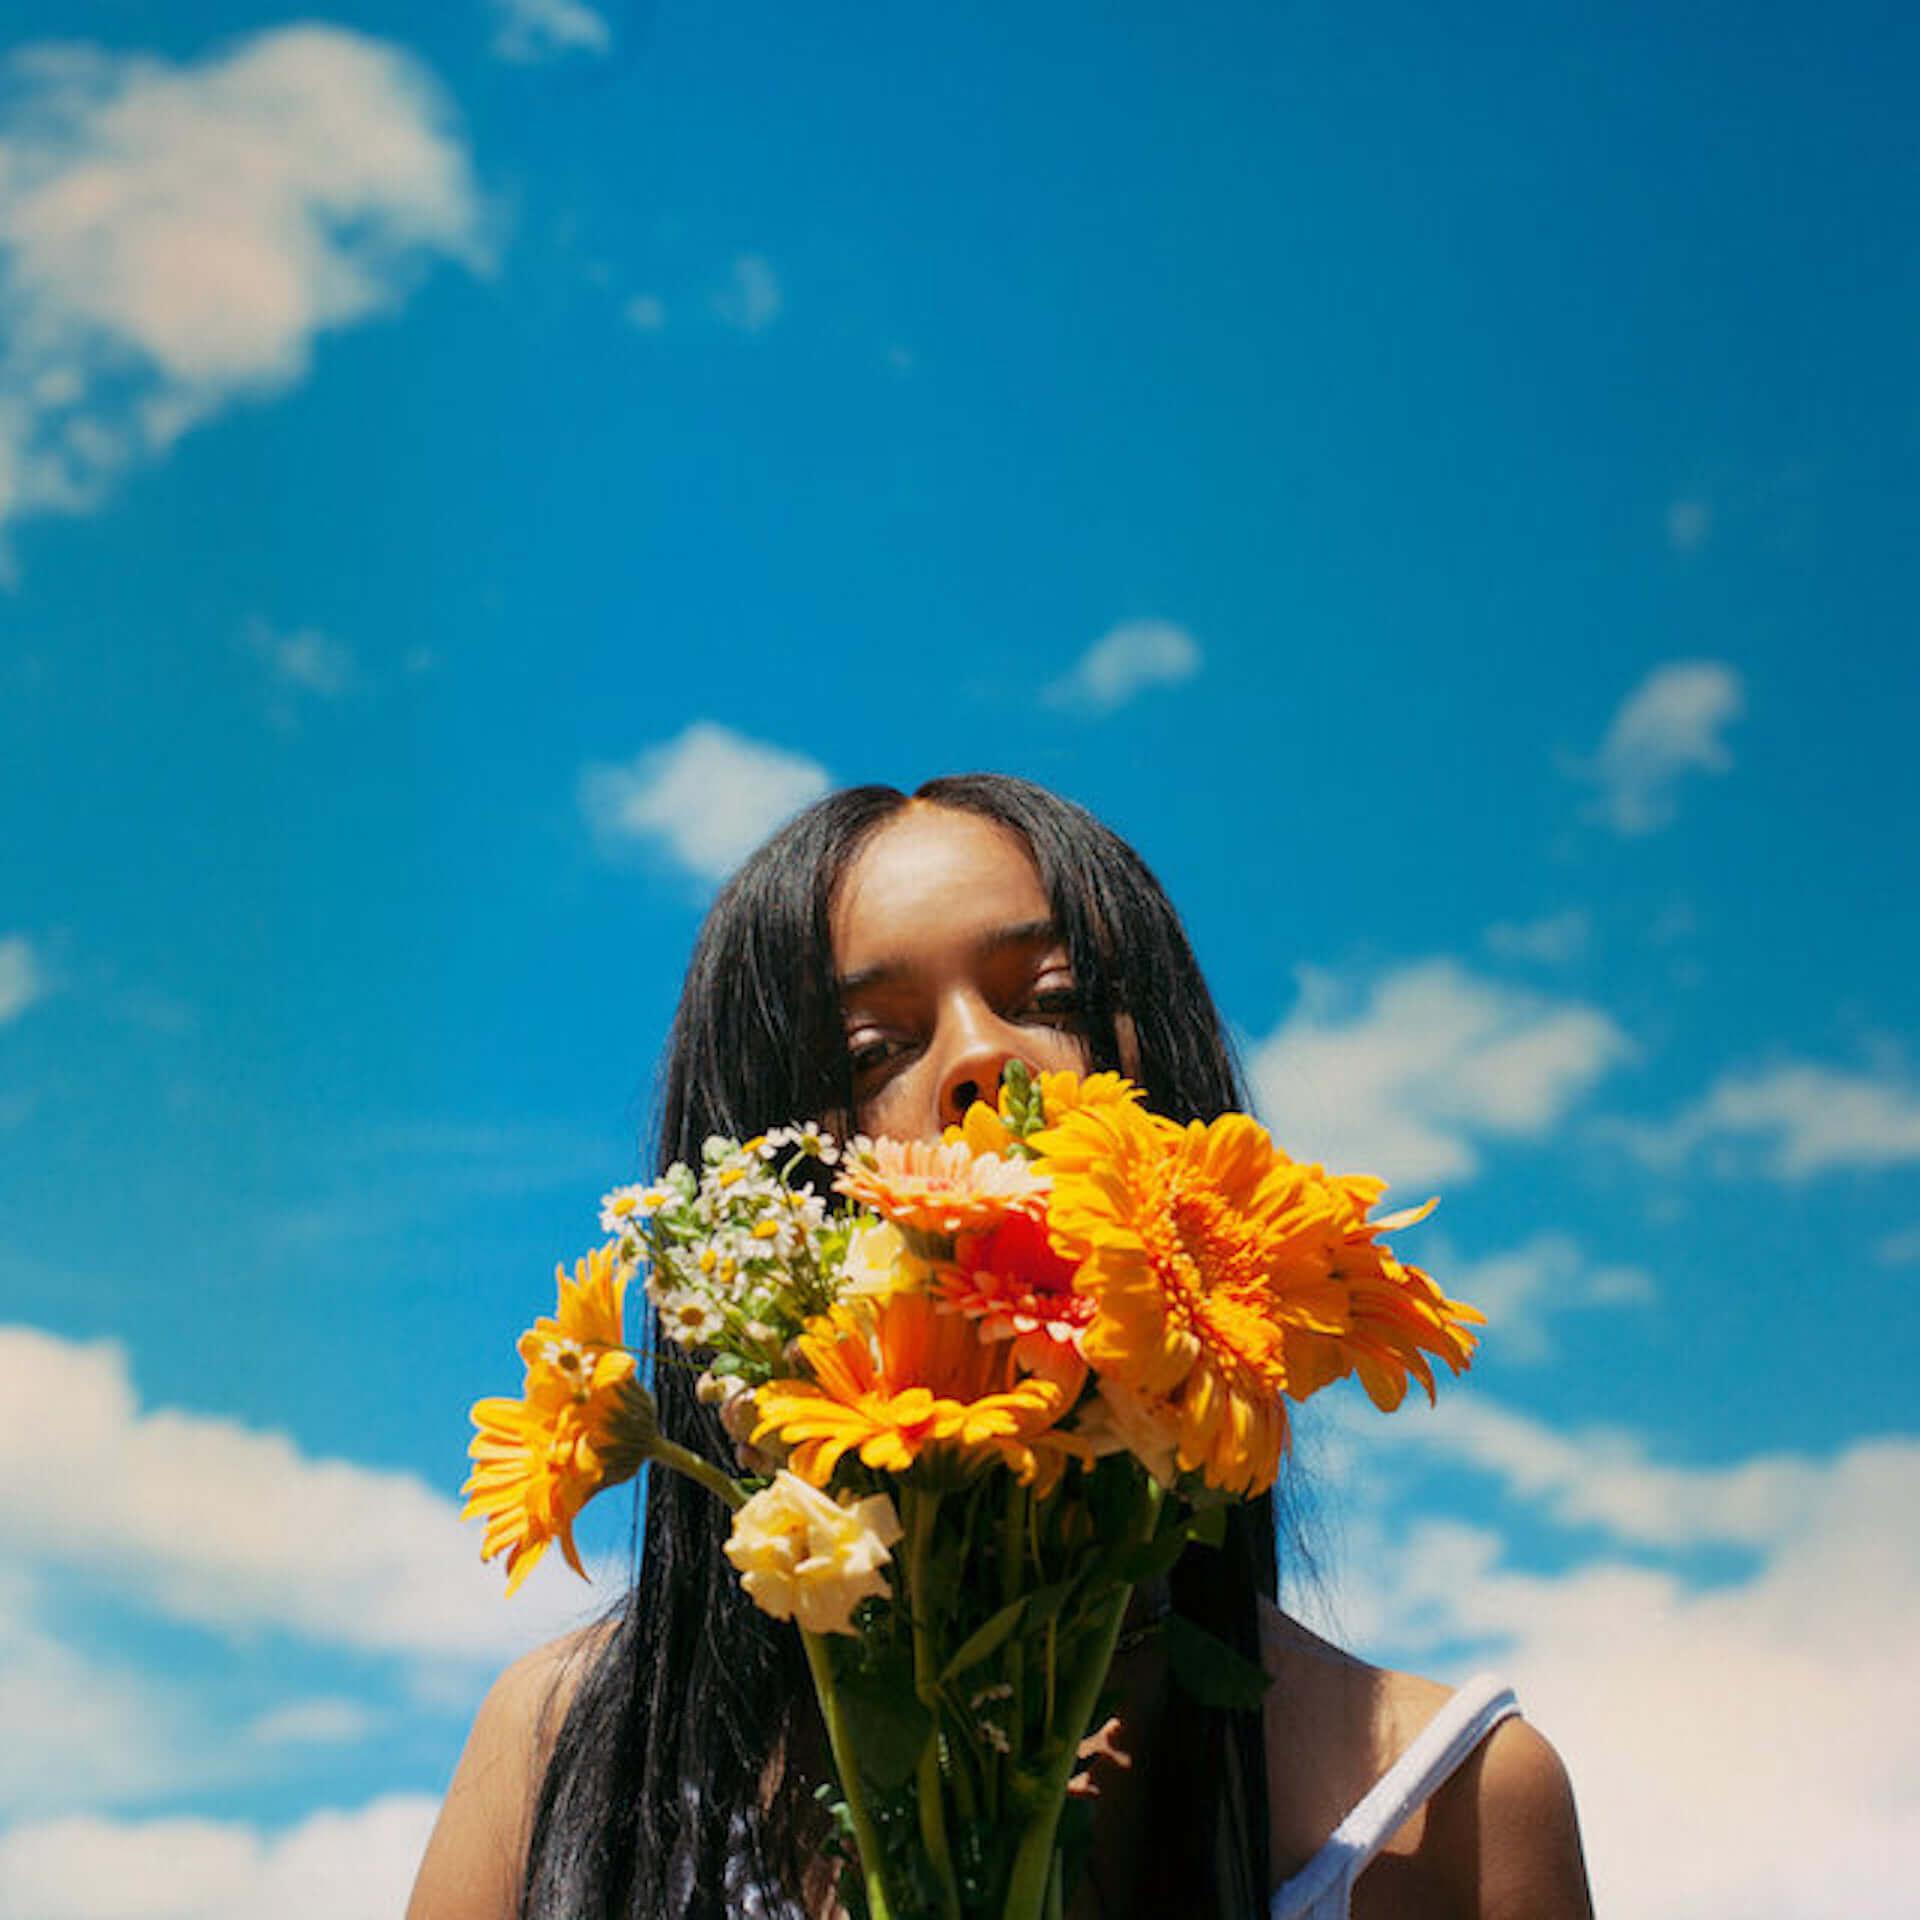 """Bonoboも注目するプロデューサー・TSHAが最新EP『Flowers』を〈Ninja Tune〉からリリース決定!新曲""""Sister""""&本人コメントも公開 music200819_tsha_2-1920x1920"""